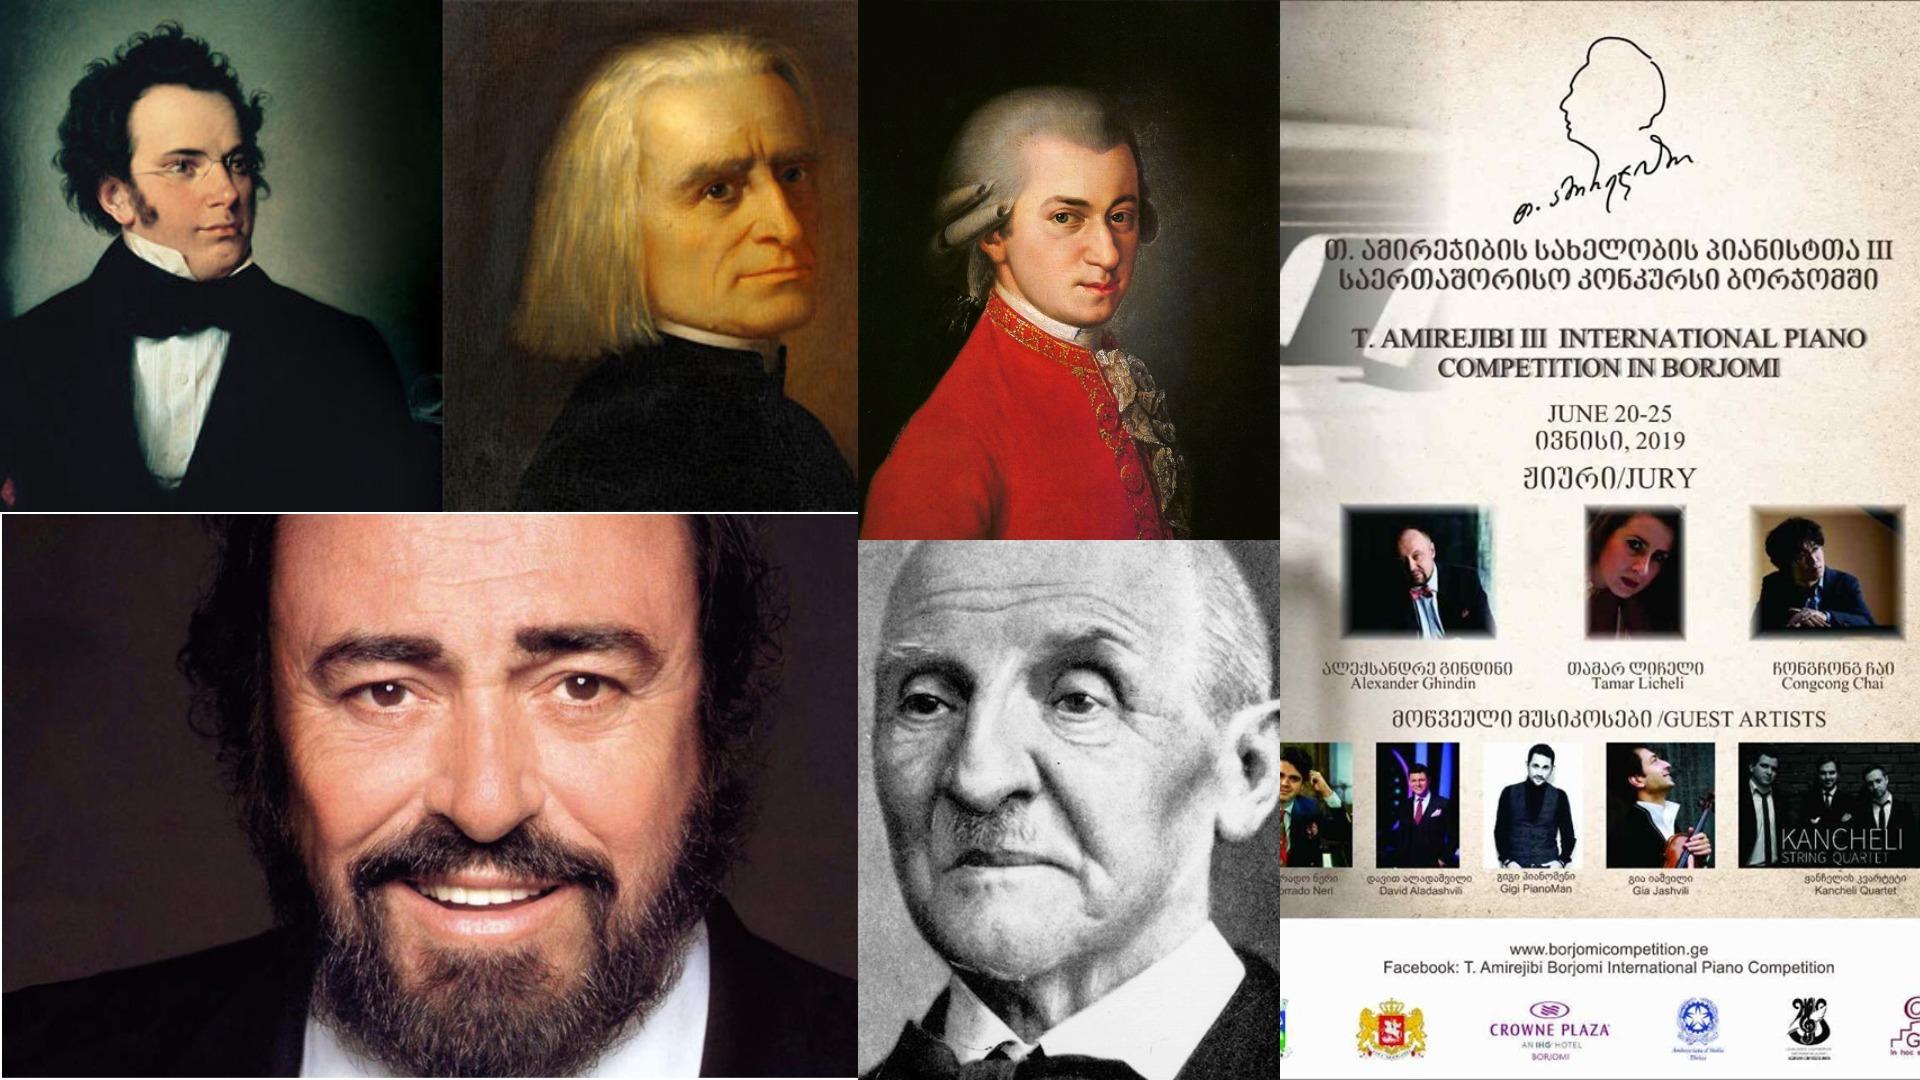 კლასიკა ყველასთვის - თენგიზ ამირეჯიბის საერთაშორისო კონკურსი / სხვადასხვა ეპოქისა და სტილის კლასიკური მუსიკა